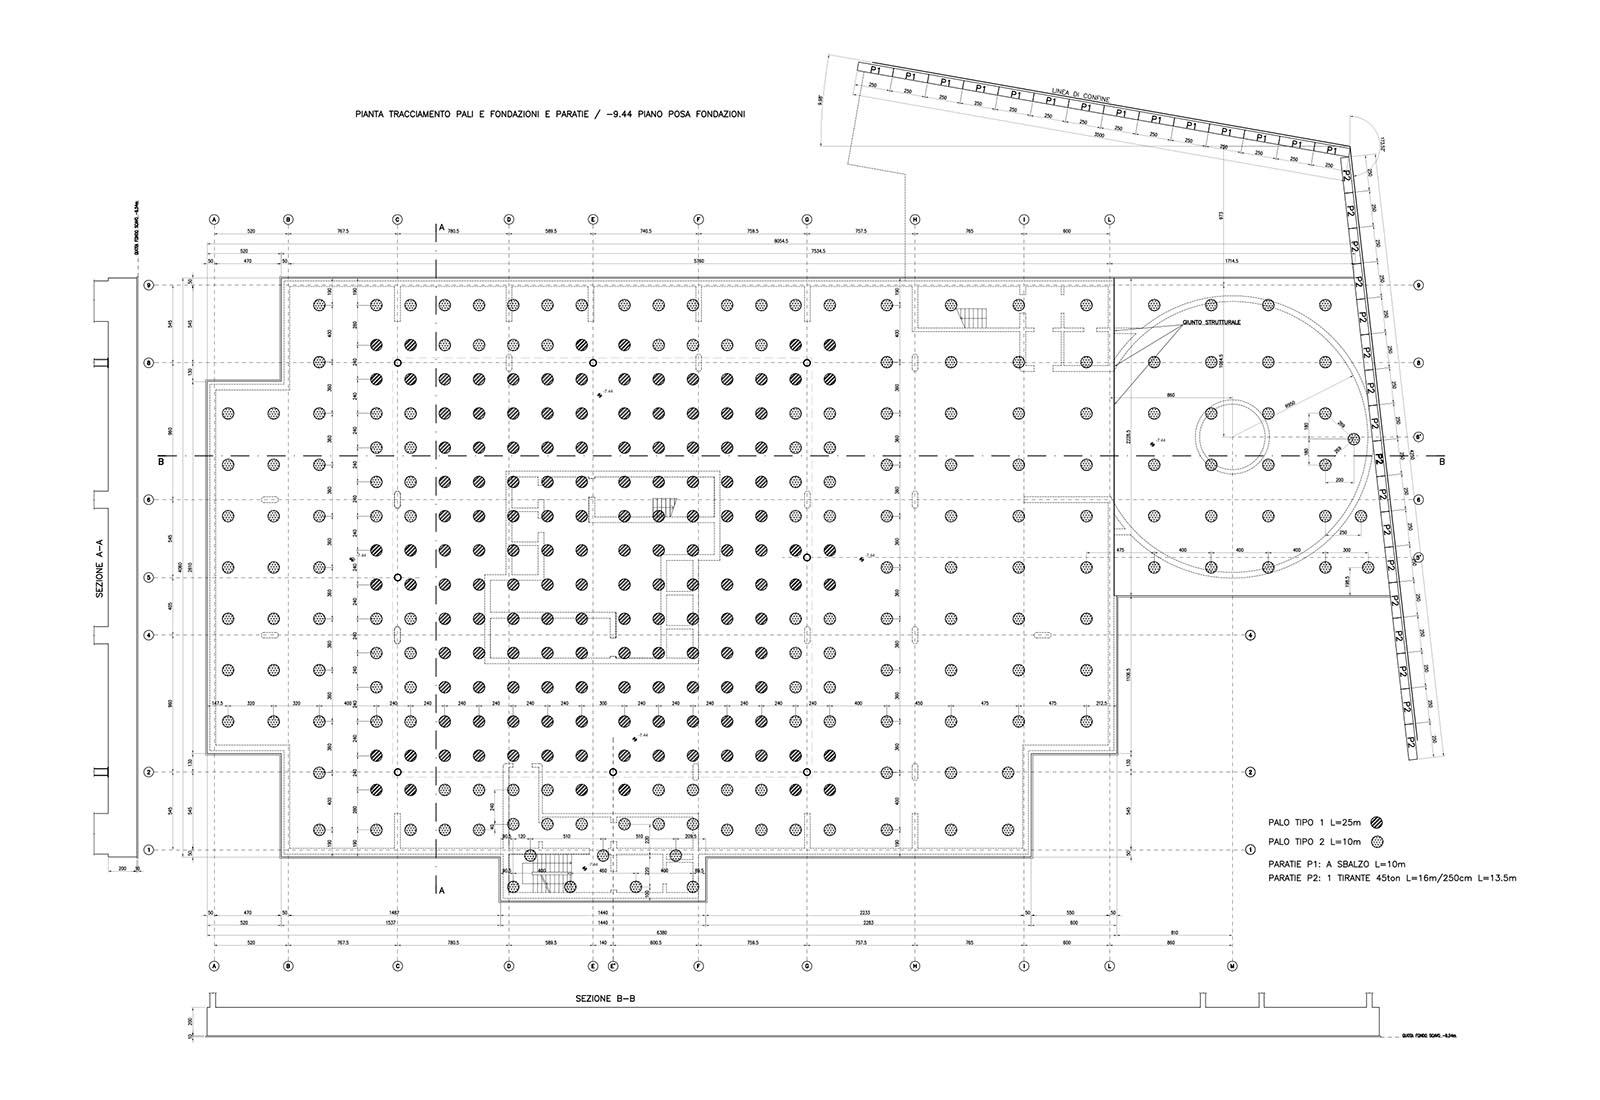 Edificio a torre dell'Università Bocconi a Milano - Planimetria fondazioni